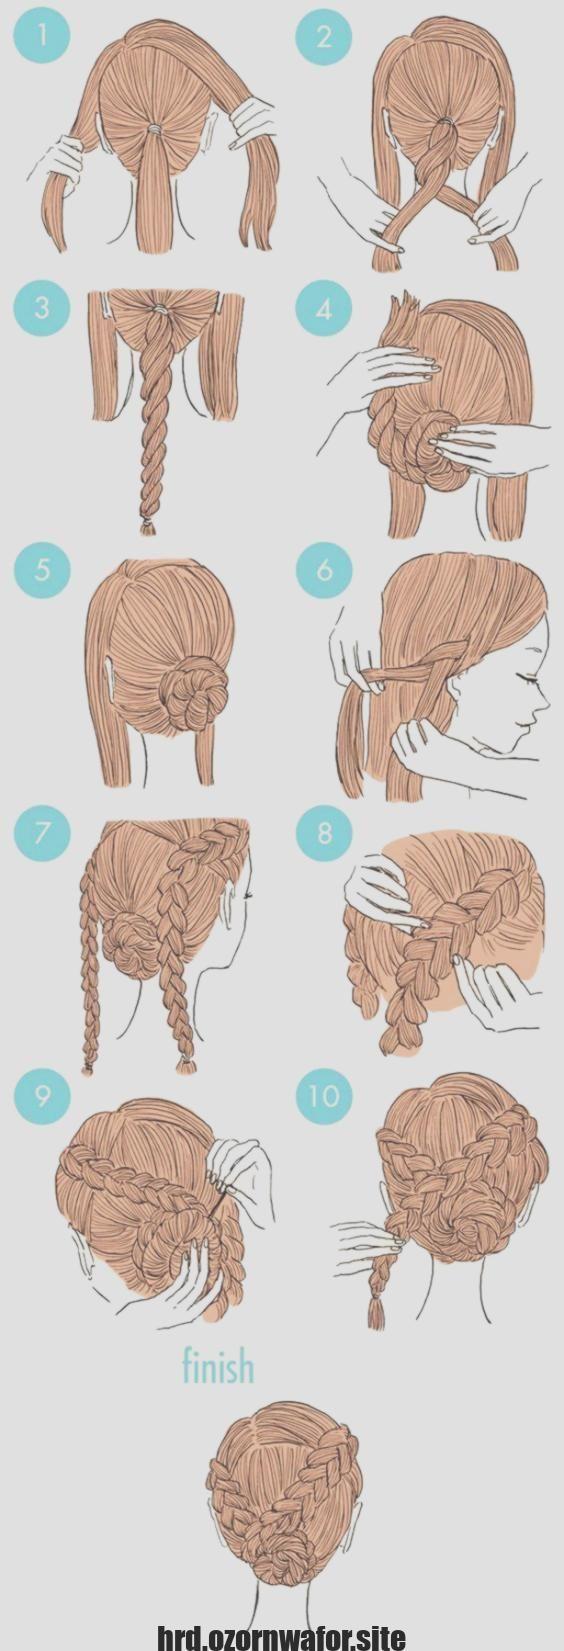 Neueste Schnappschüsse Zöpfe Einfache Frisuren Tipps Machen Sie sich bereit, denn es gibt einen brandneuen Look Ihrer Haarvorschläge aus dem Jahr 2020, der Ihren Weg zurückkehrt. ...